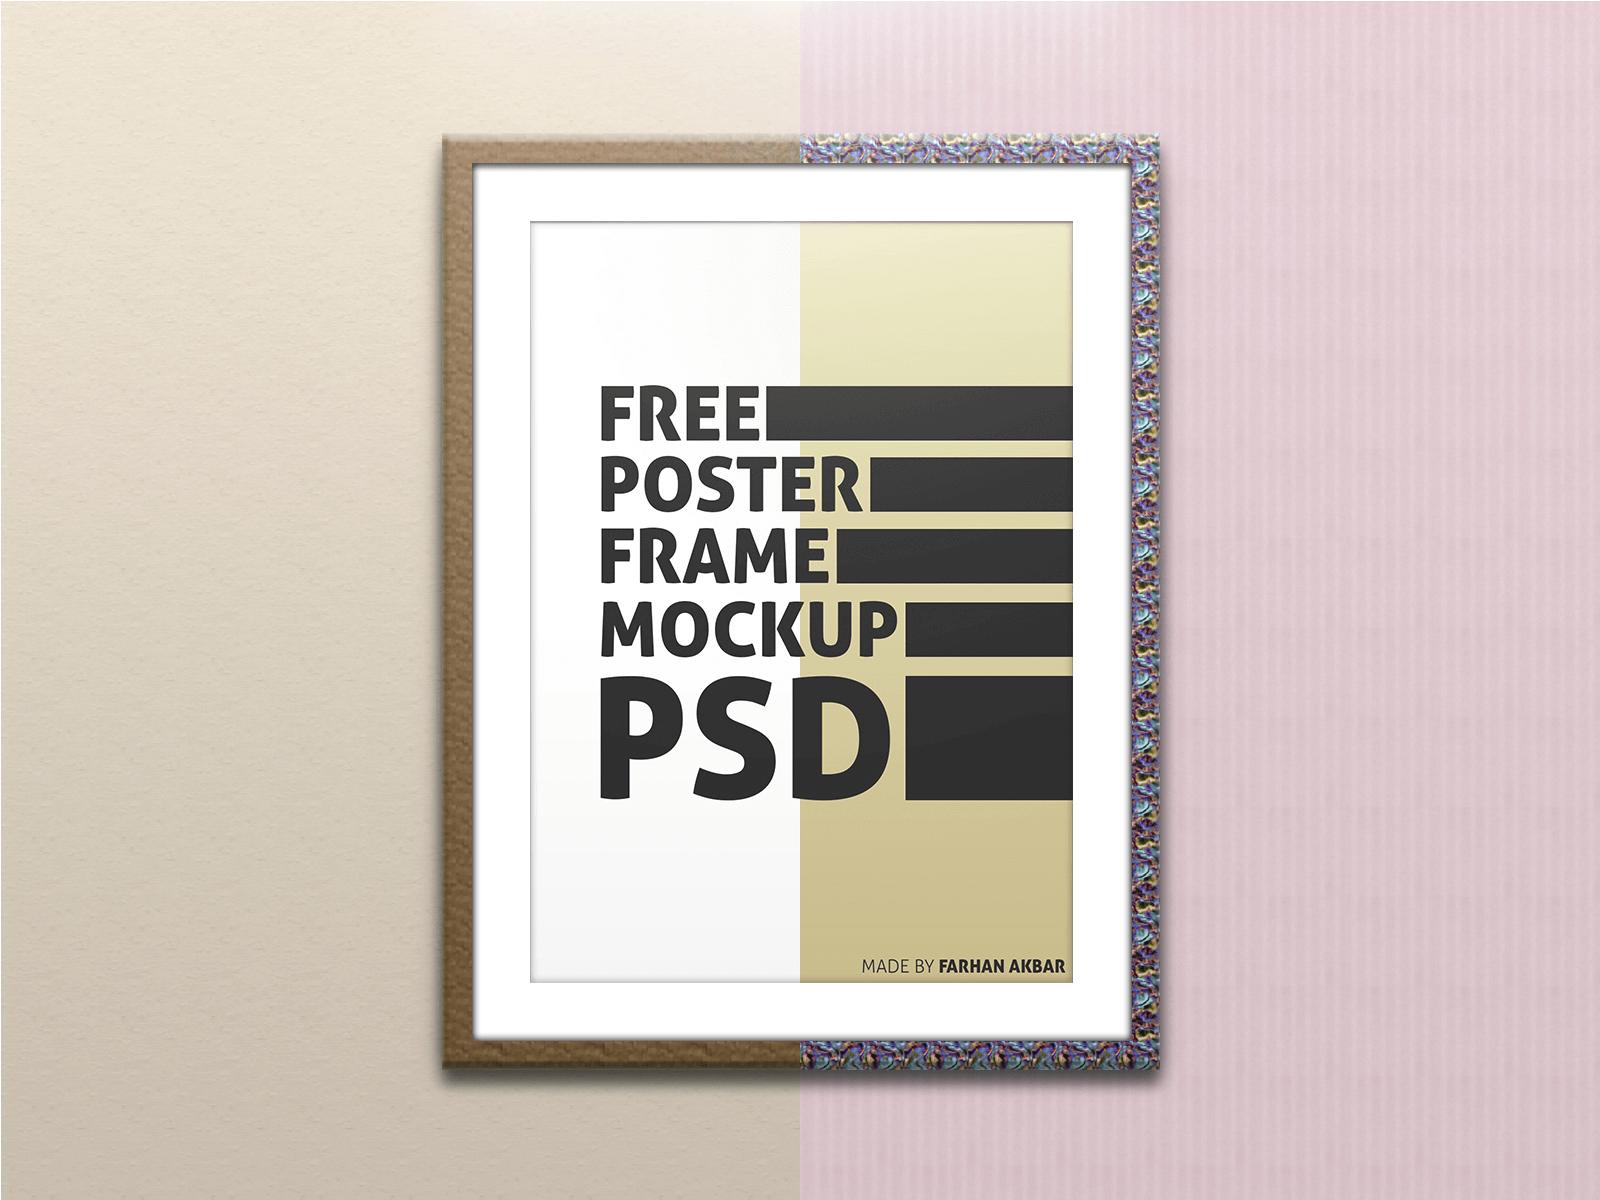 PSD мокап постера в рамке